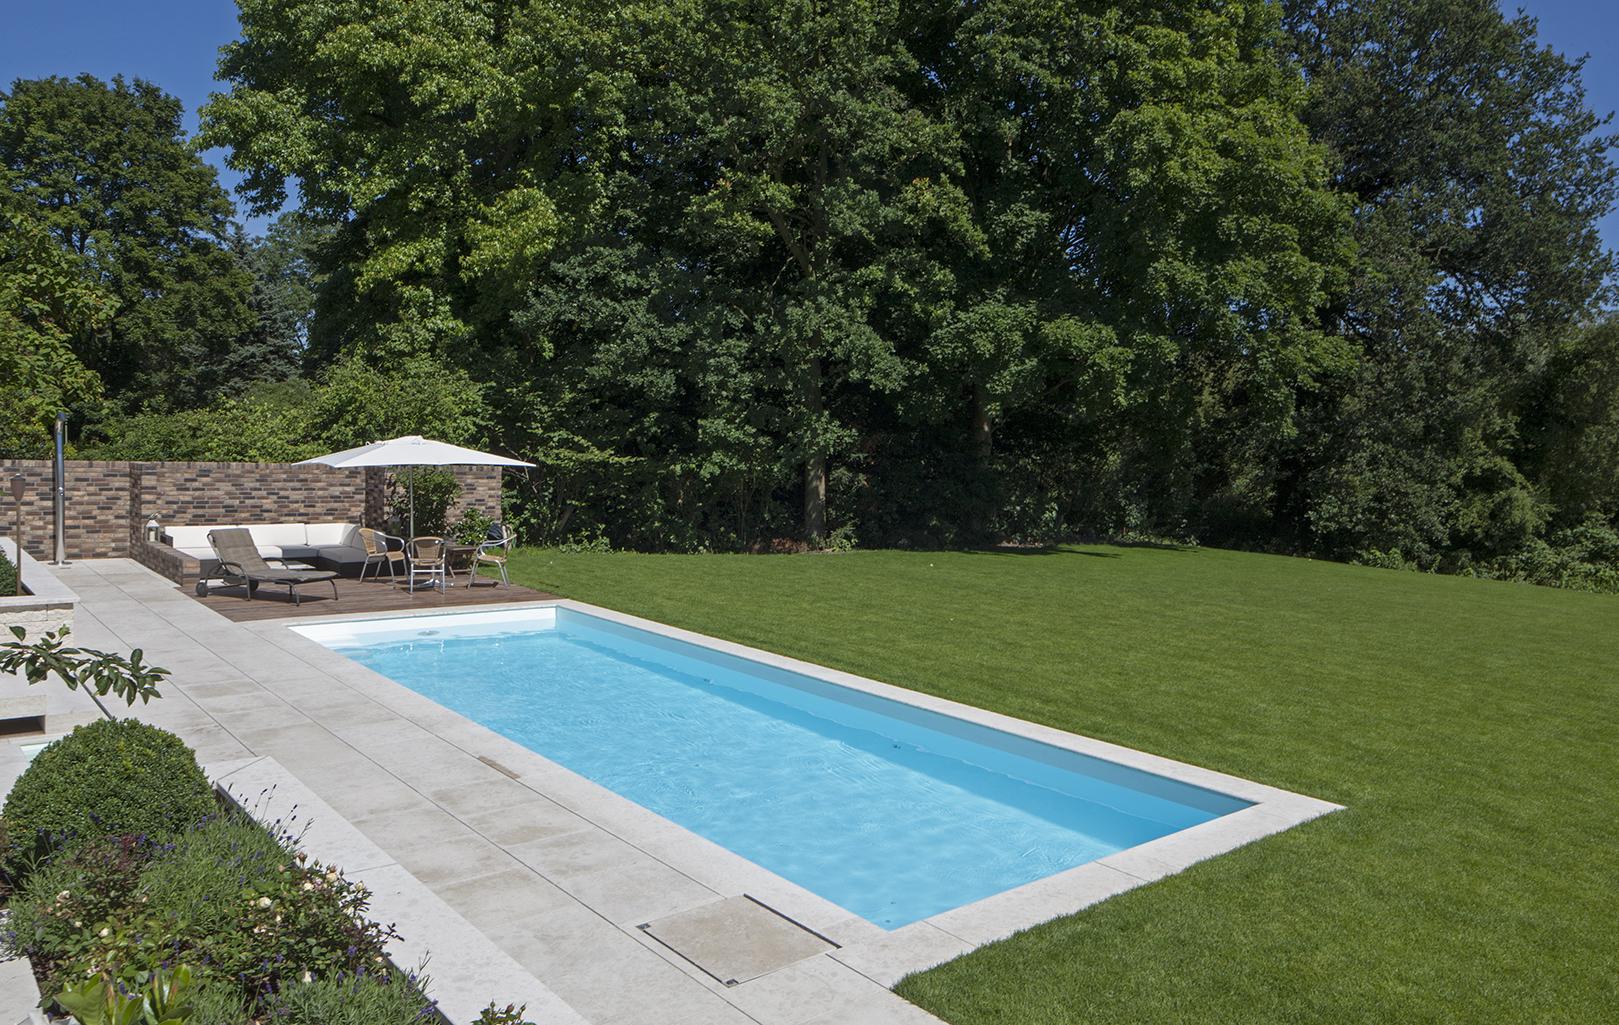 Schwimmbad in Düsseldorf von Swim & Sweat Schwimmbad- und Saunatechnik